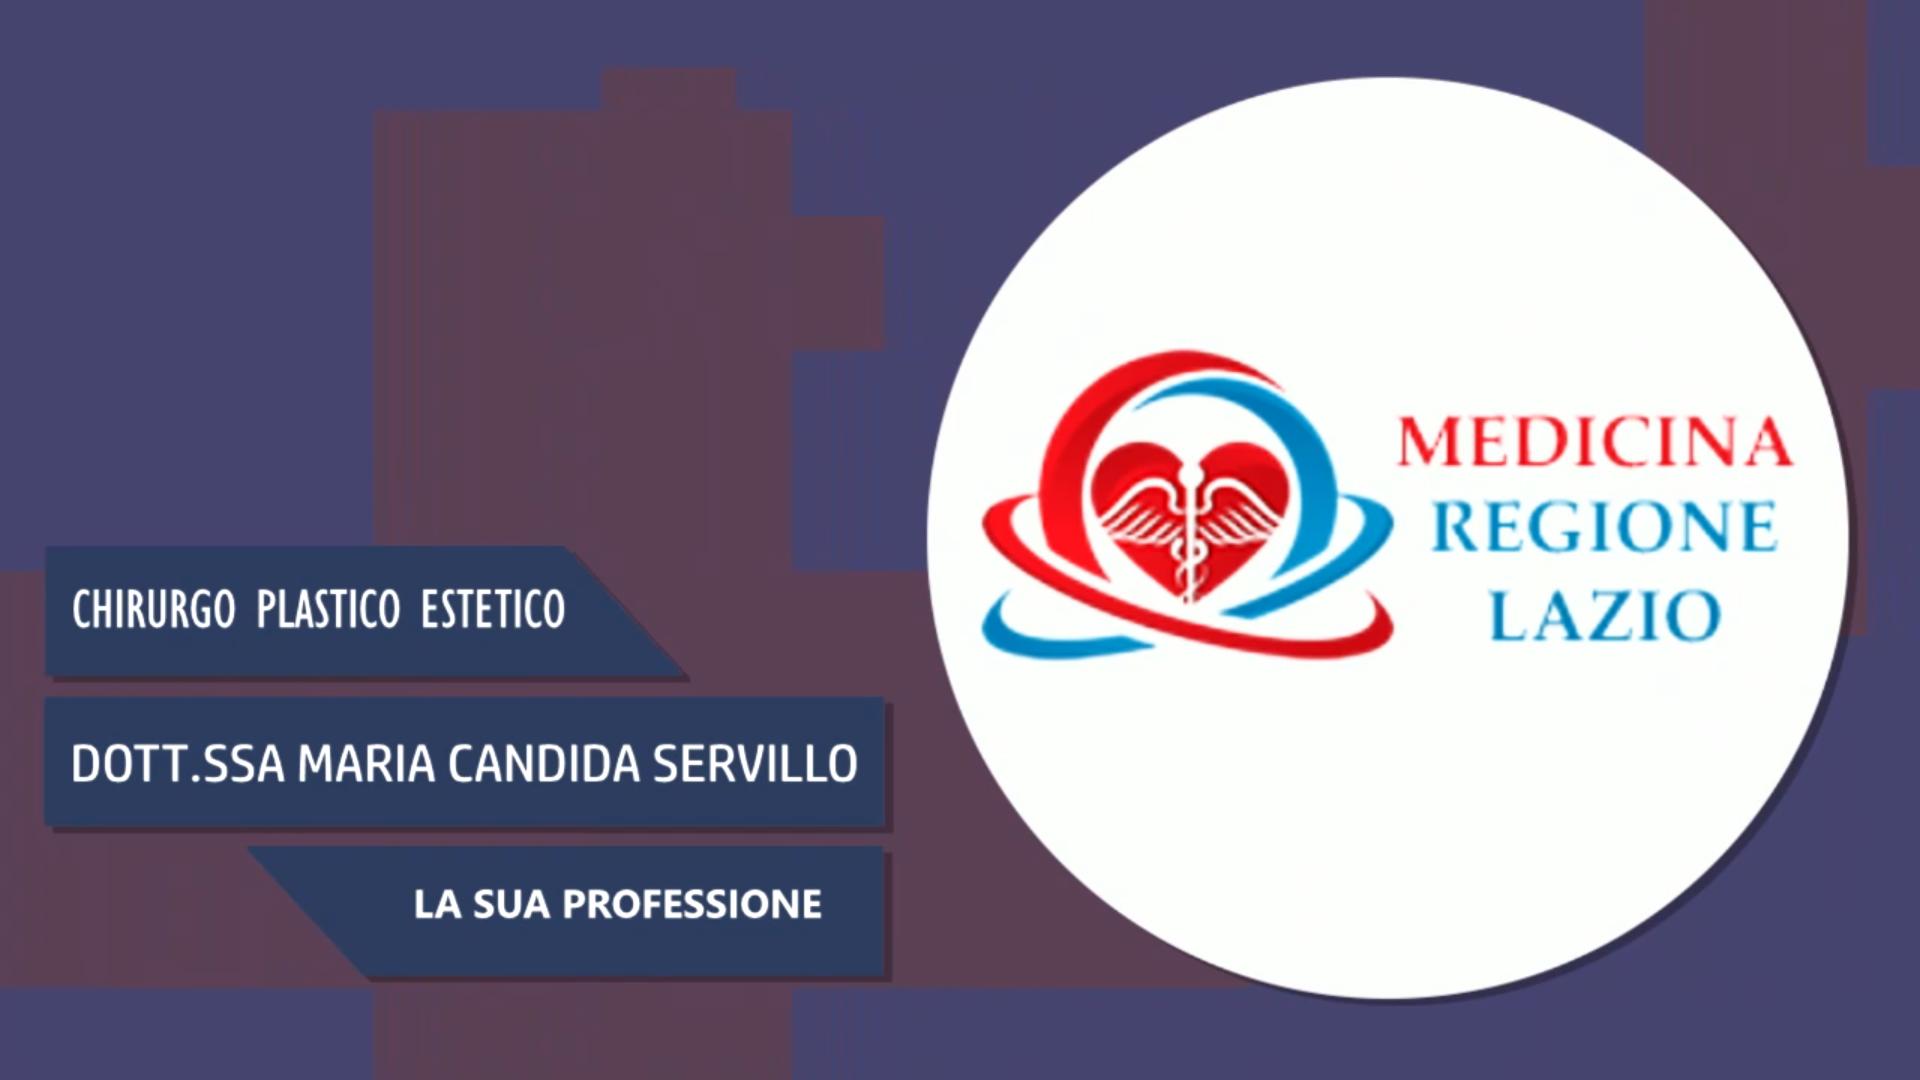 Intervista alla Dott.ssa Maria Candida Servillo – La sua professione